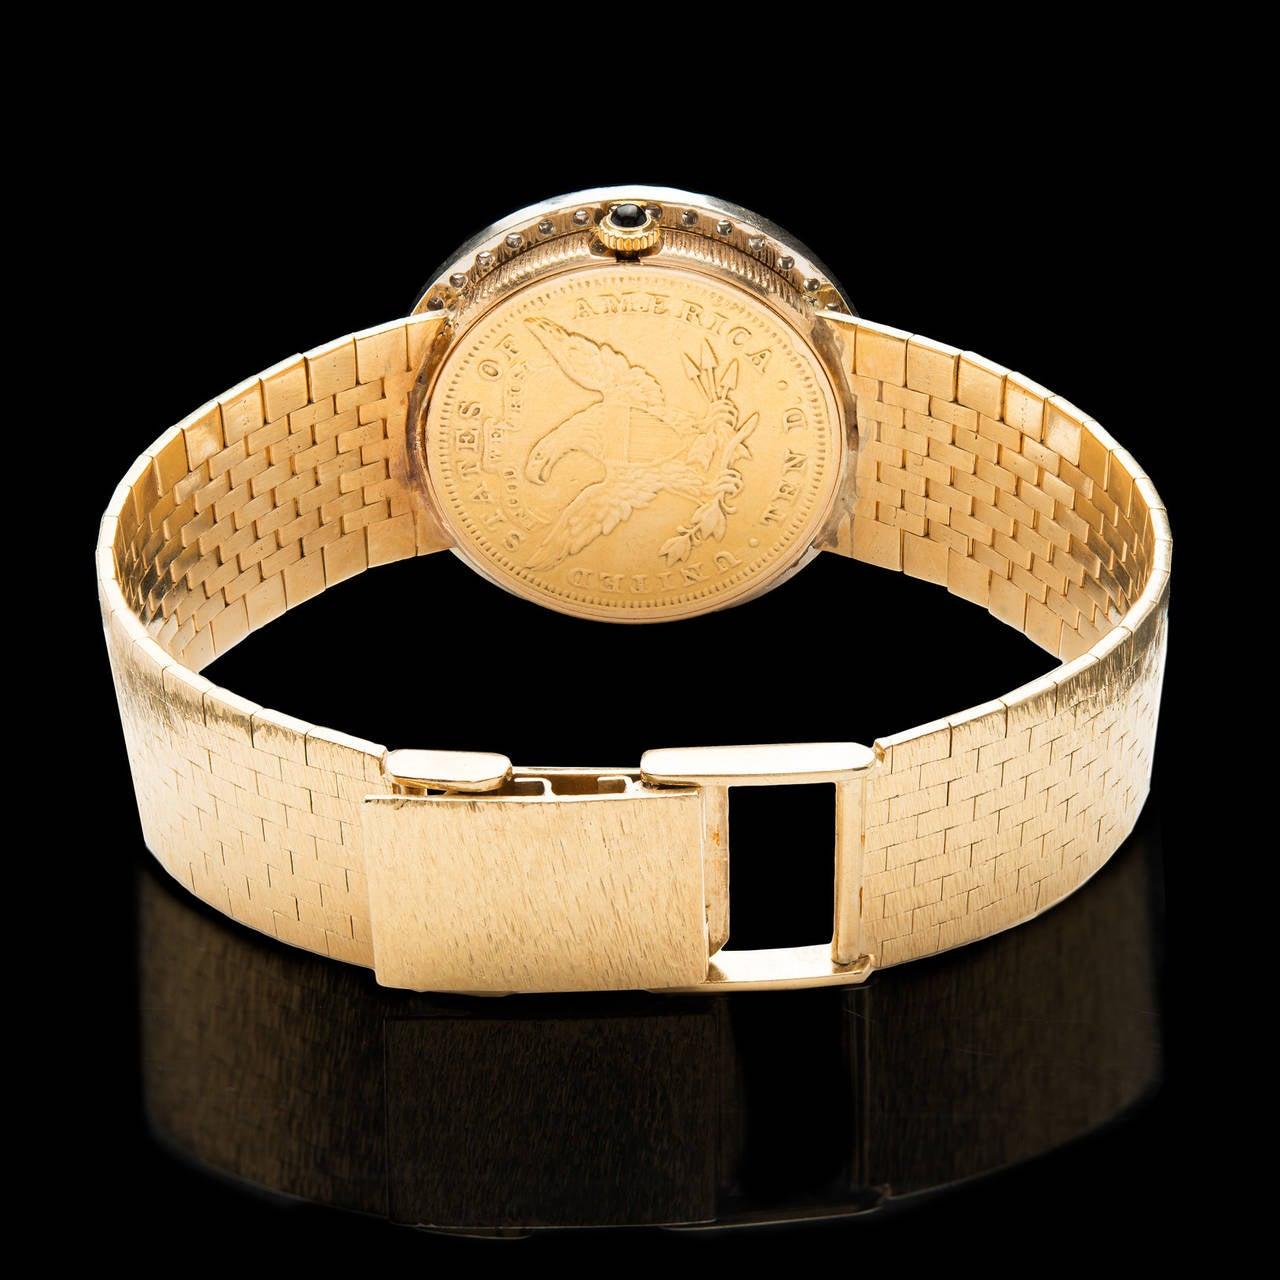 bueche girod yellow gold diamond coin dial wristwatch at 1stdibs bueche girod yellow gold diamond coin dial wristwatch 3